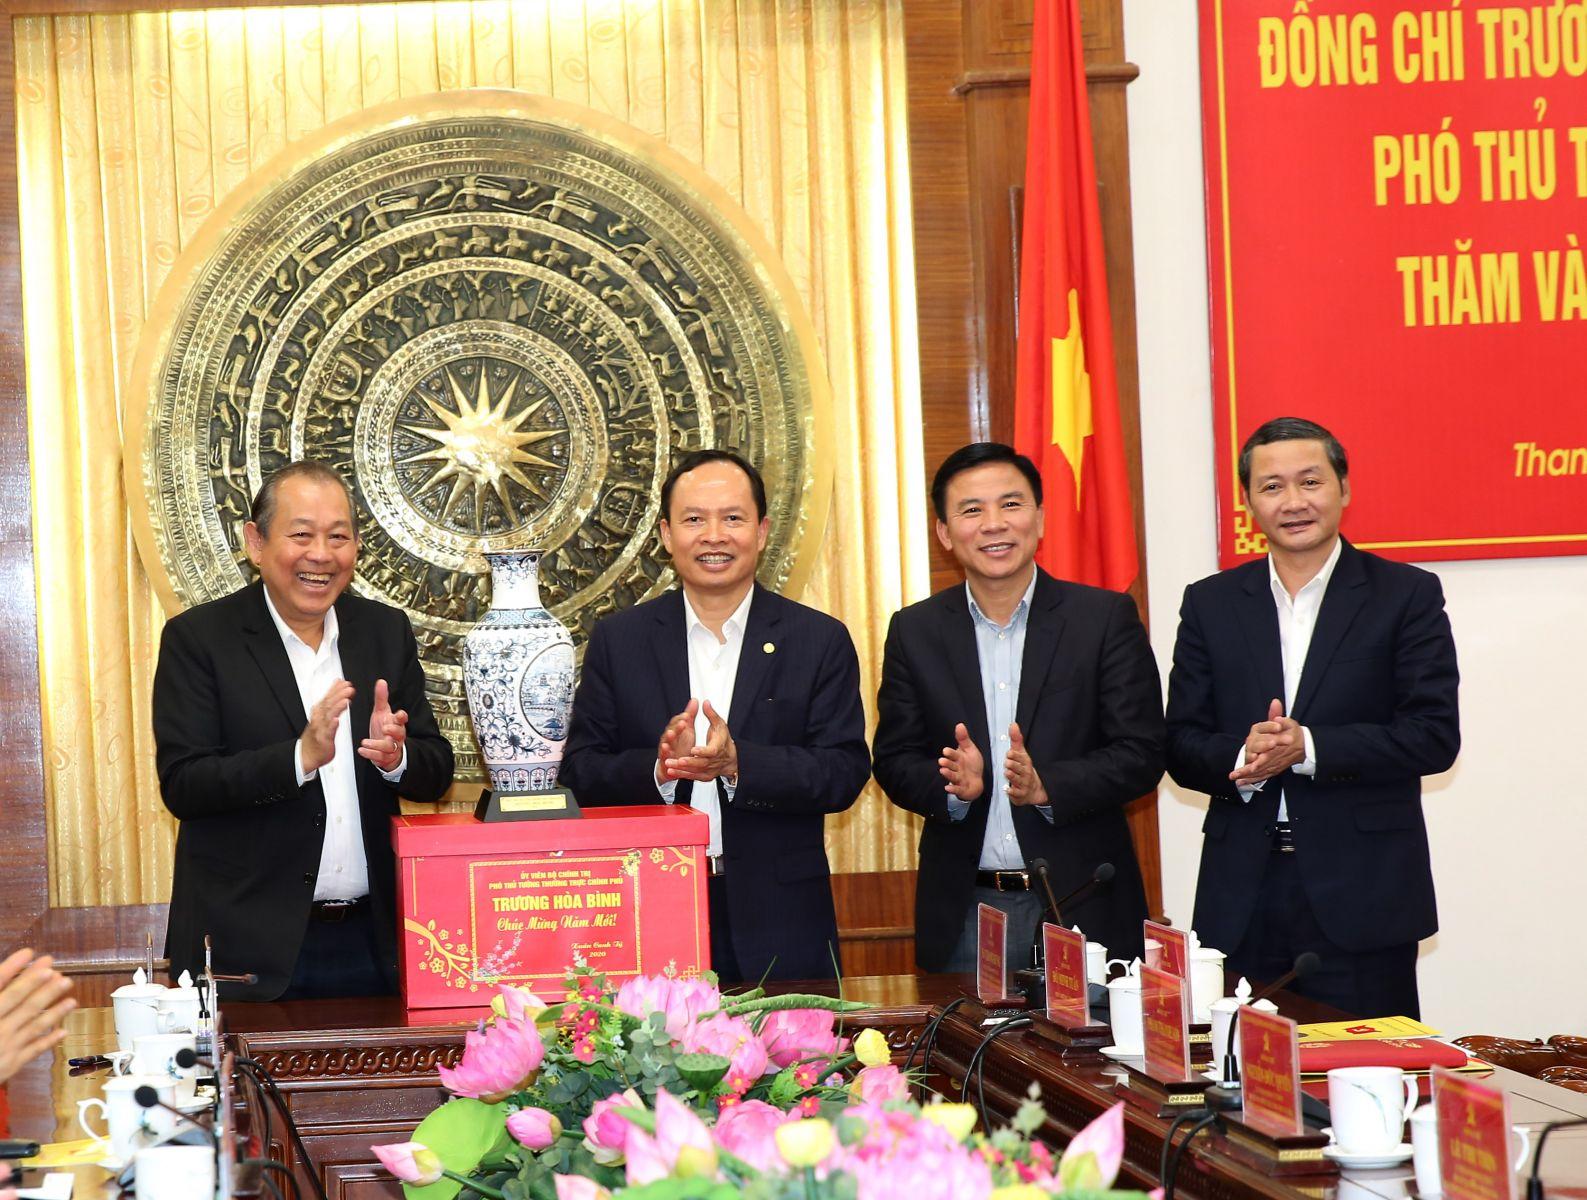 Phó Thủ tướng Trương Hòa Bình tặng quà lưu niệm cho lãnh đạo tỉnh Thanh Hóa. Ảnh: VGP/Lê Sơn